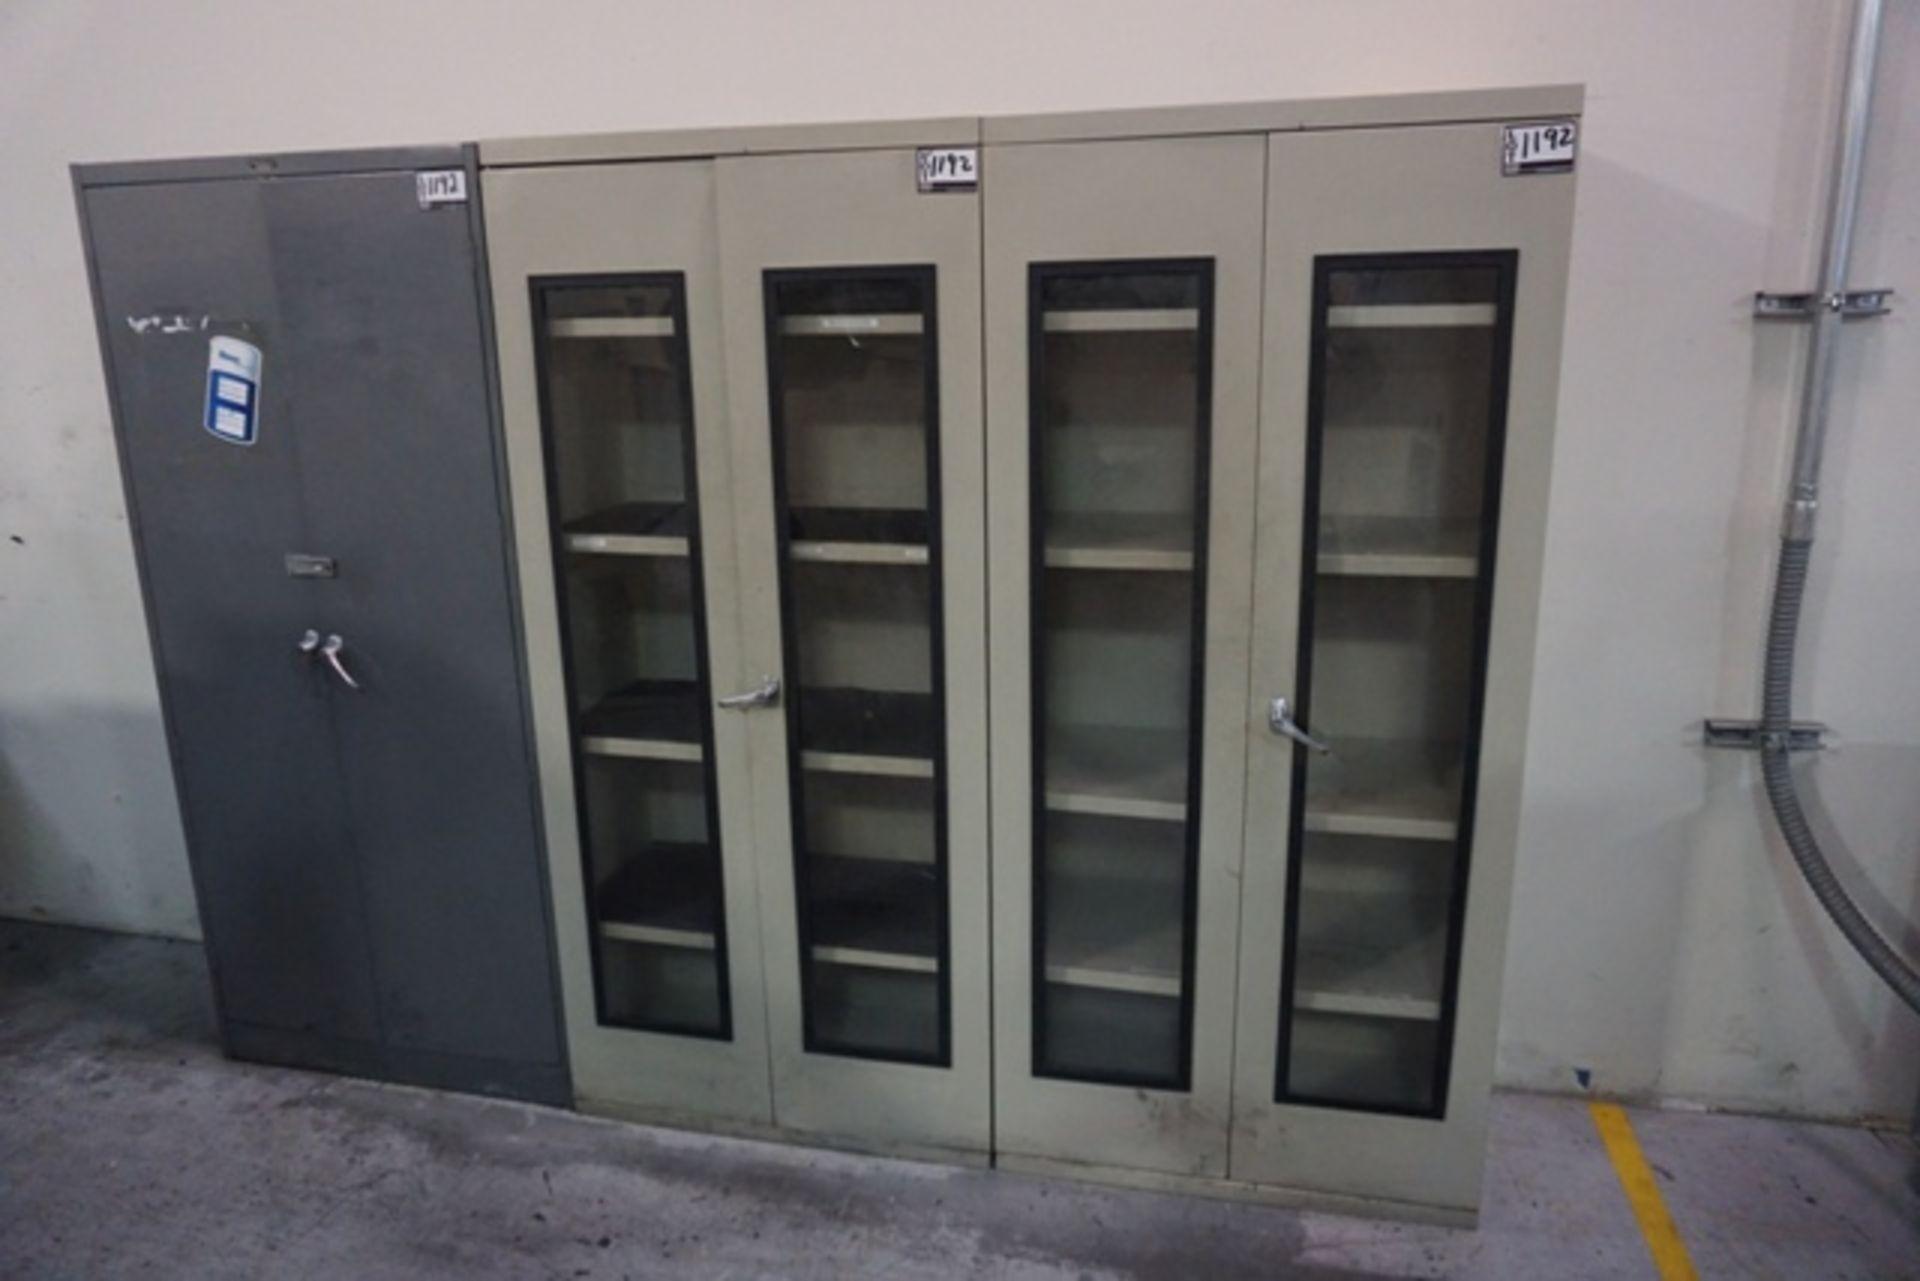 Lot 1192 - 2 Door Cabinets